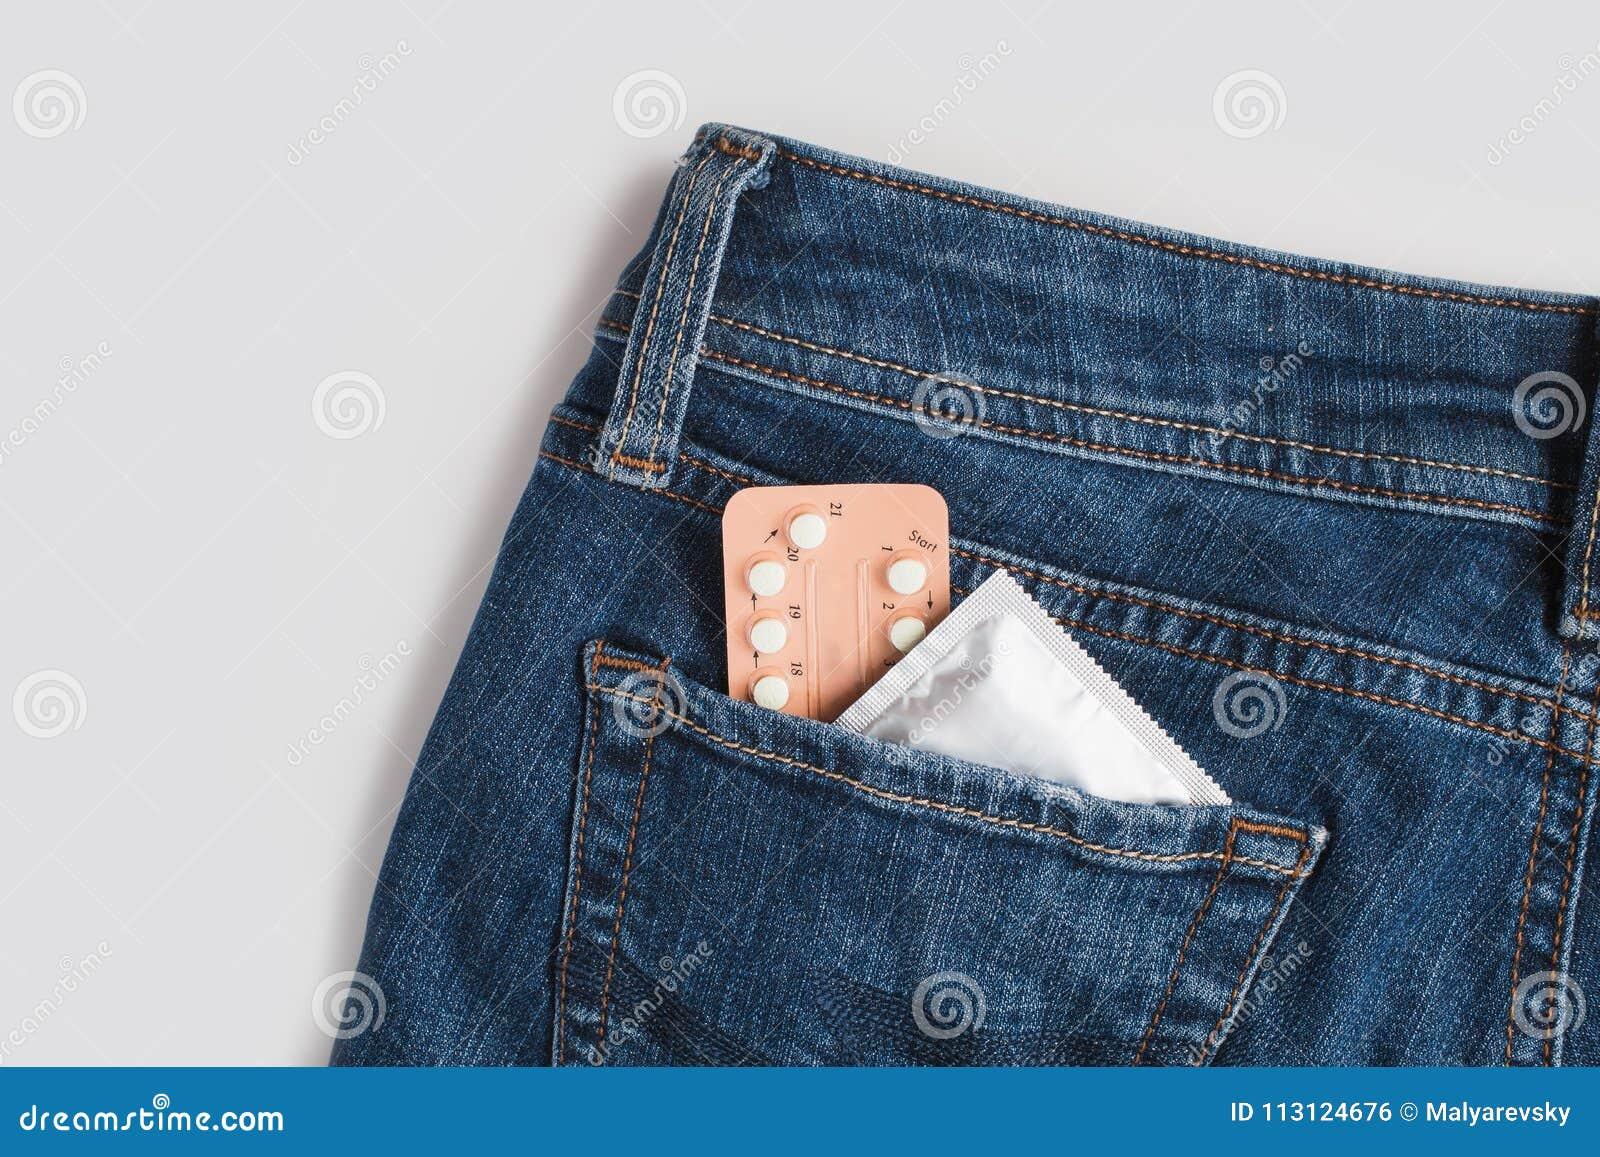 Προφυλακτικά στη συσκευασία στα τζιν ασφαλές φύλο έννοιας Ιατρική, αντισύλληψη και έλεγχος των γεννήσεων υγειονομικής περίθαλψης